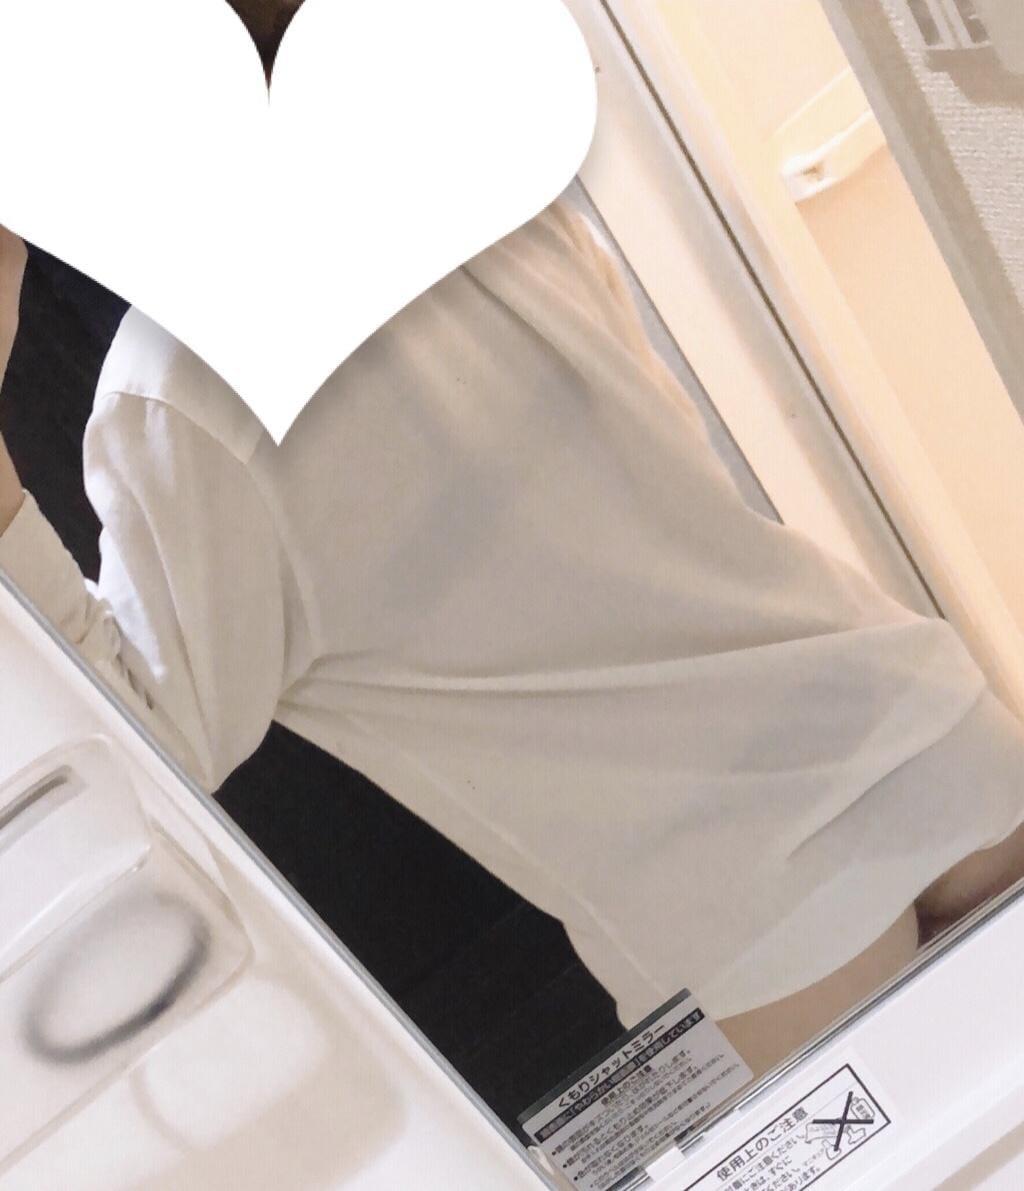 「お礼⑅︎◡̈︎*」06/04(06/04) 13:59   あんちゃんの写メ・風俗動画